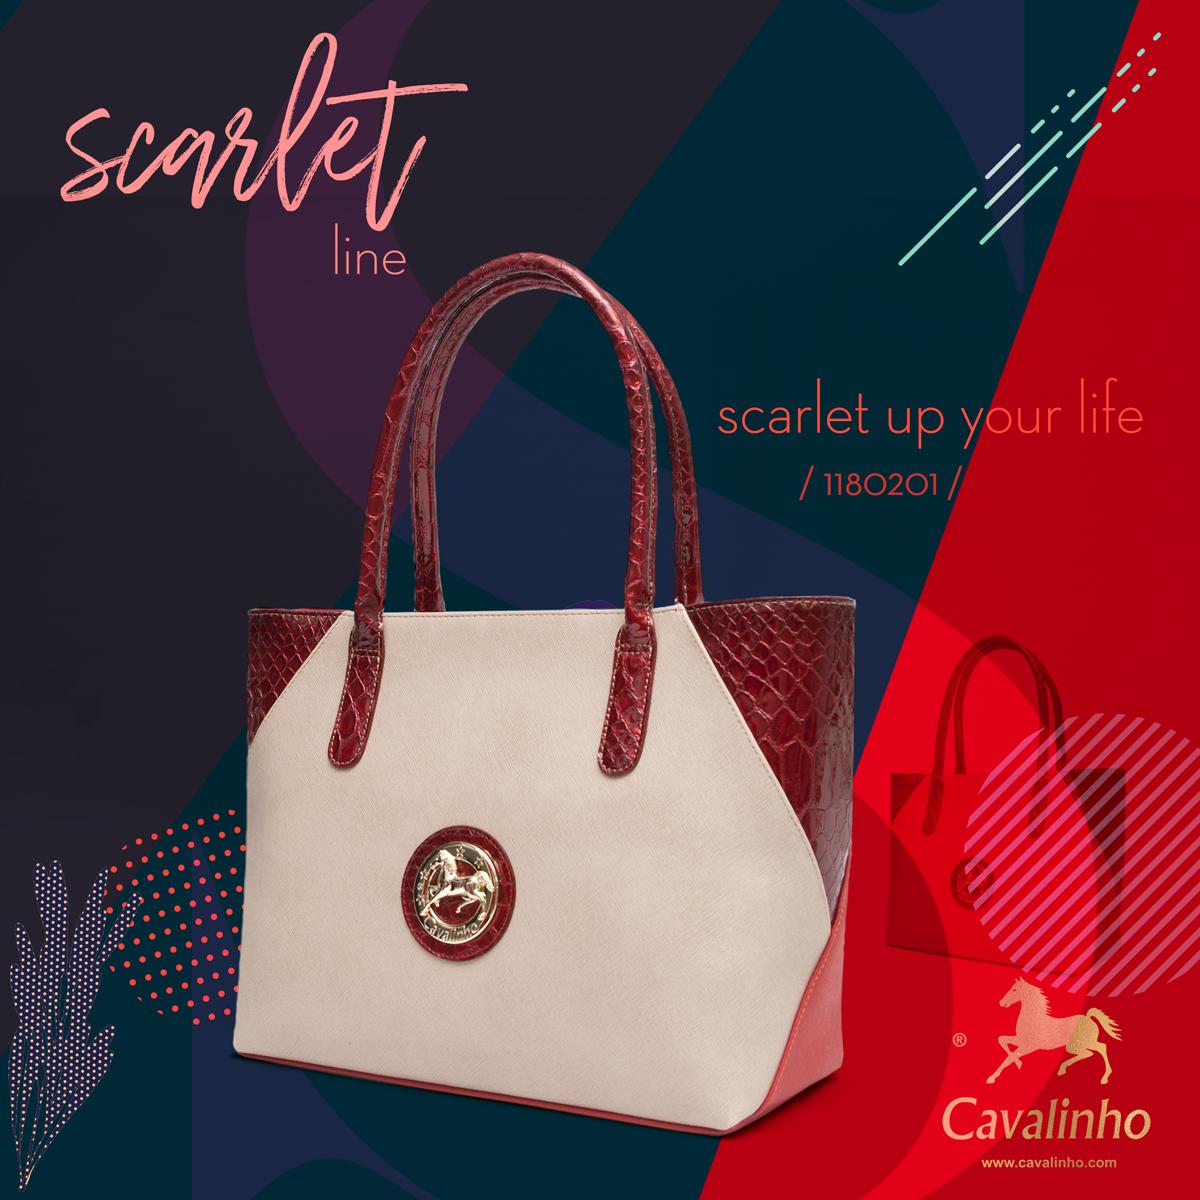 Nova Coleção Outono/Inverno 2017 Cavalinho - Scarlet Line